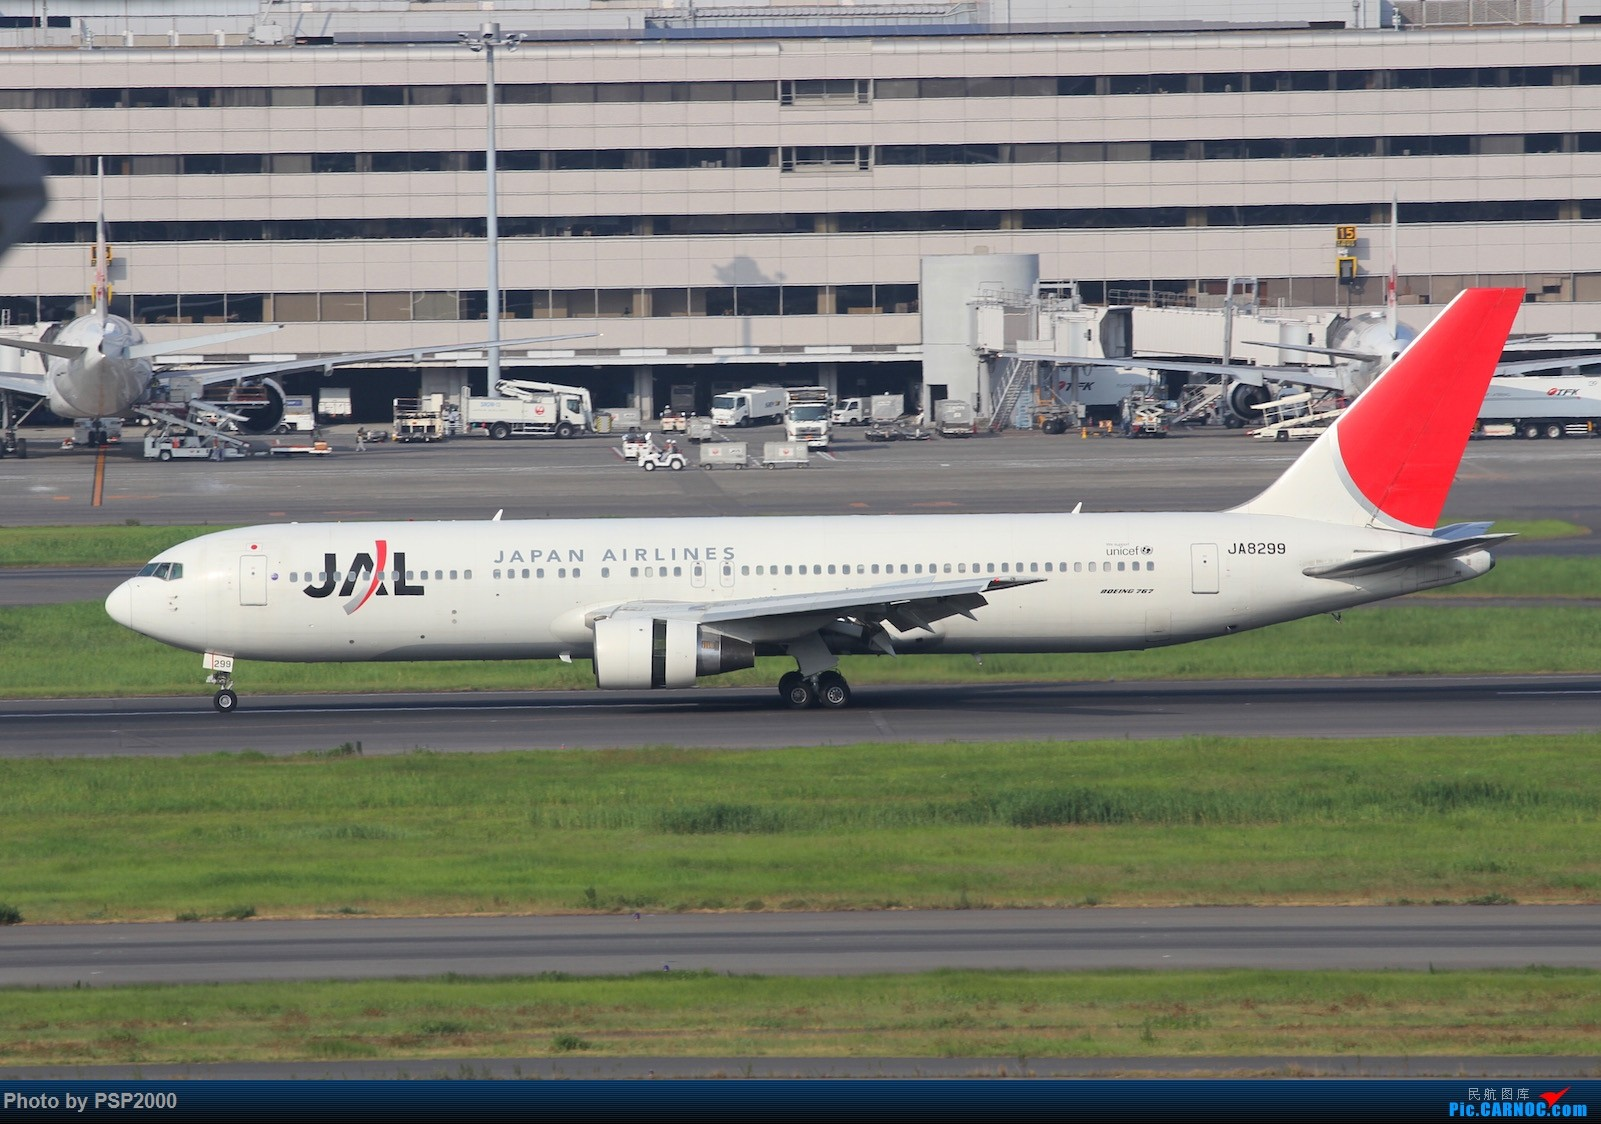 Re:[原创]羽田空港展望 BOEING 767-300 JA8299 HND